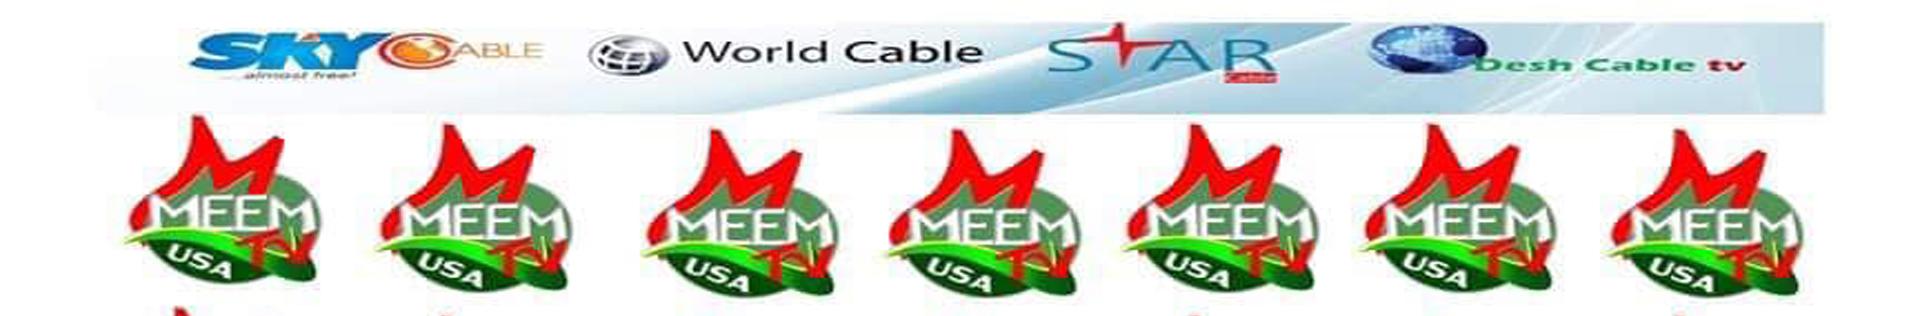 Meem tv